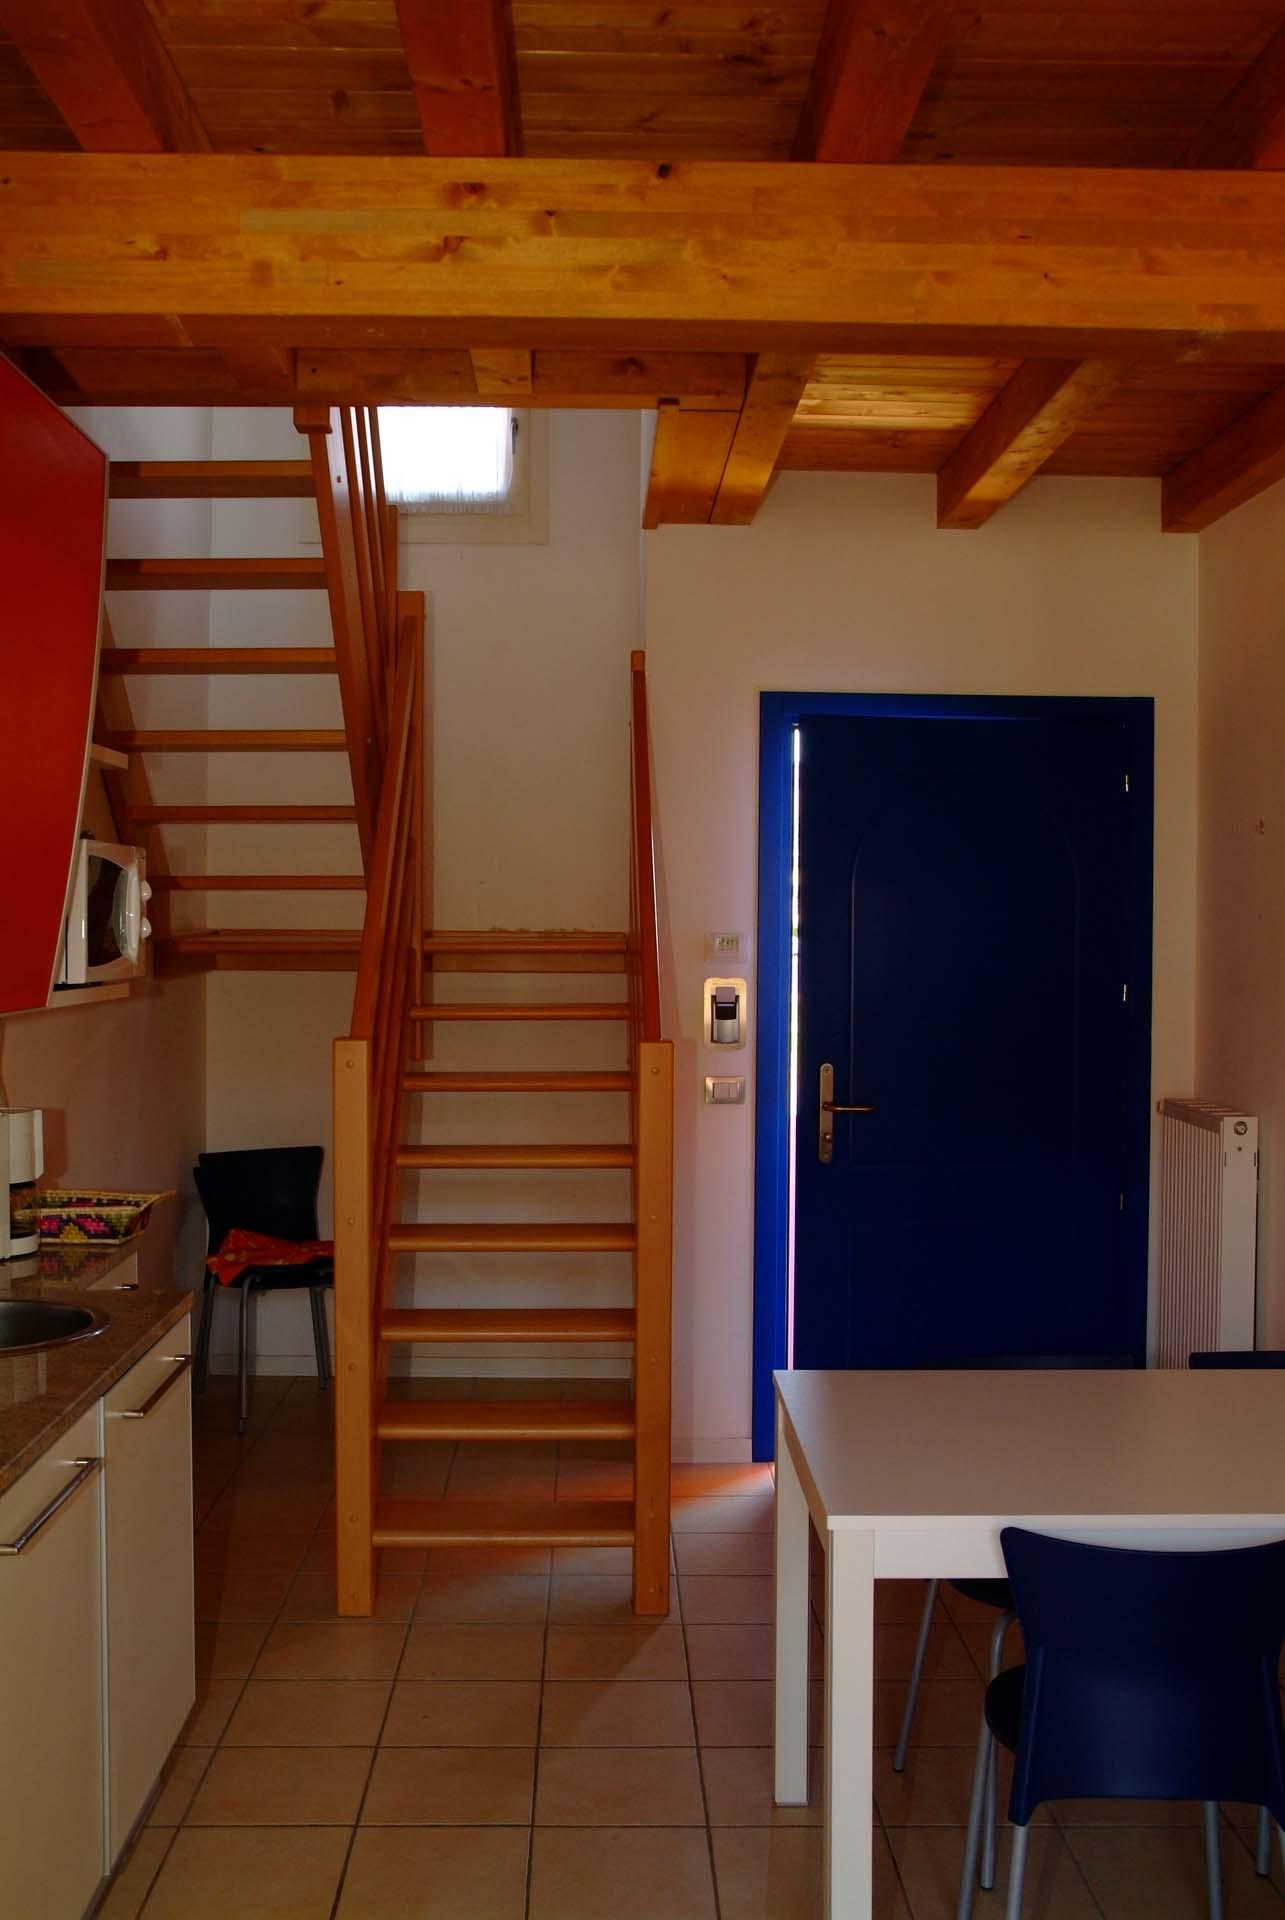 Livelli di certificazione energetica Arca edifici in legno